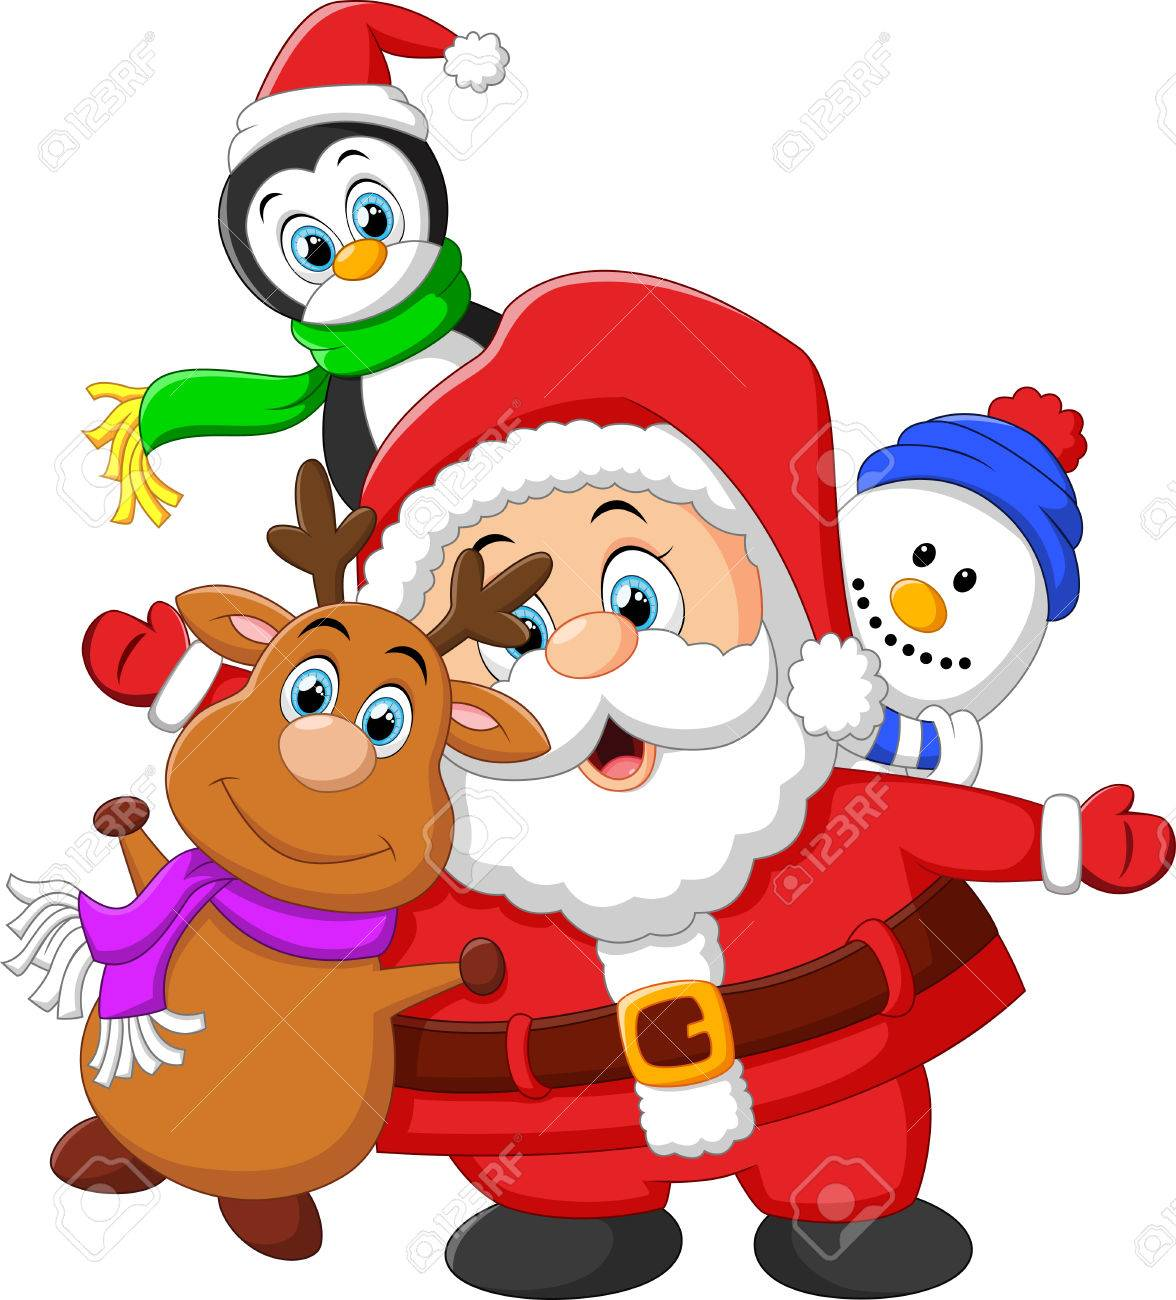 Navidad dibujos animados